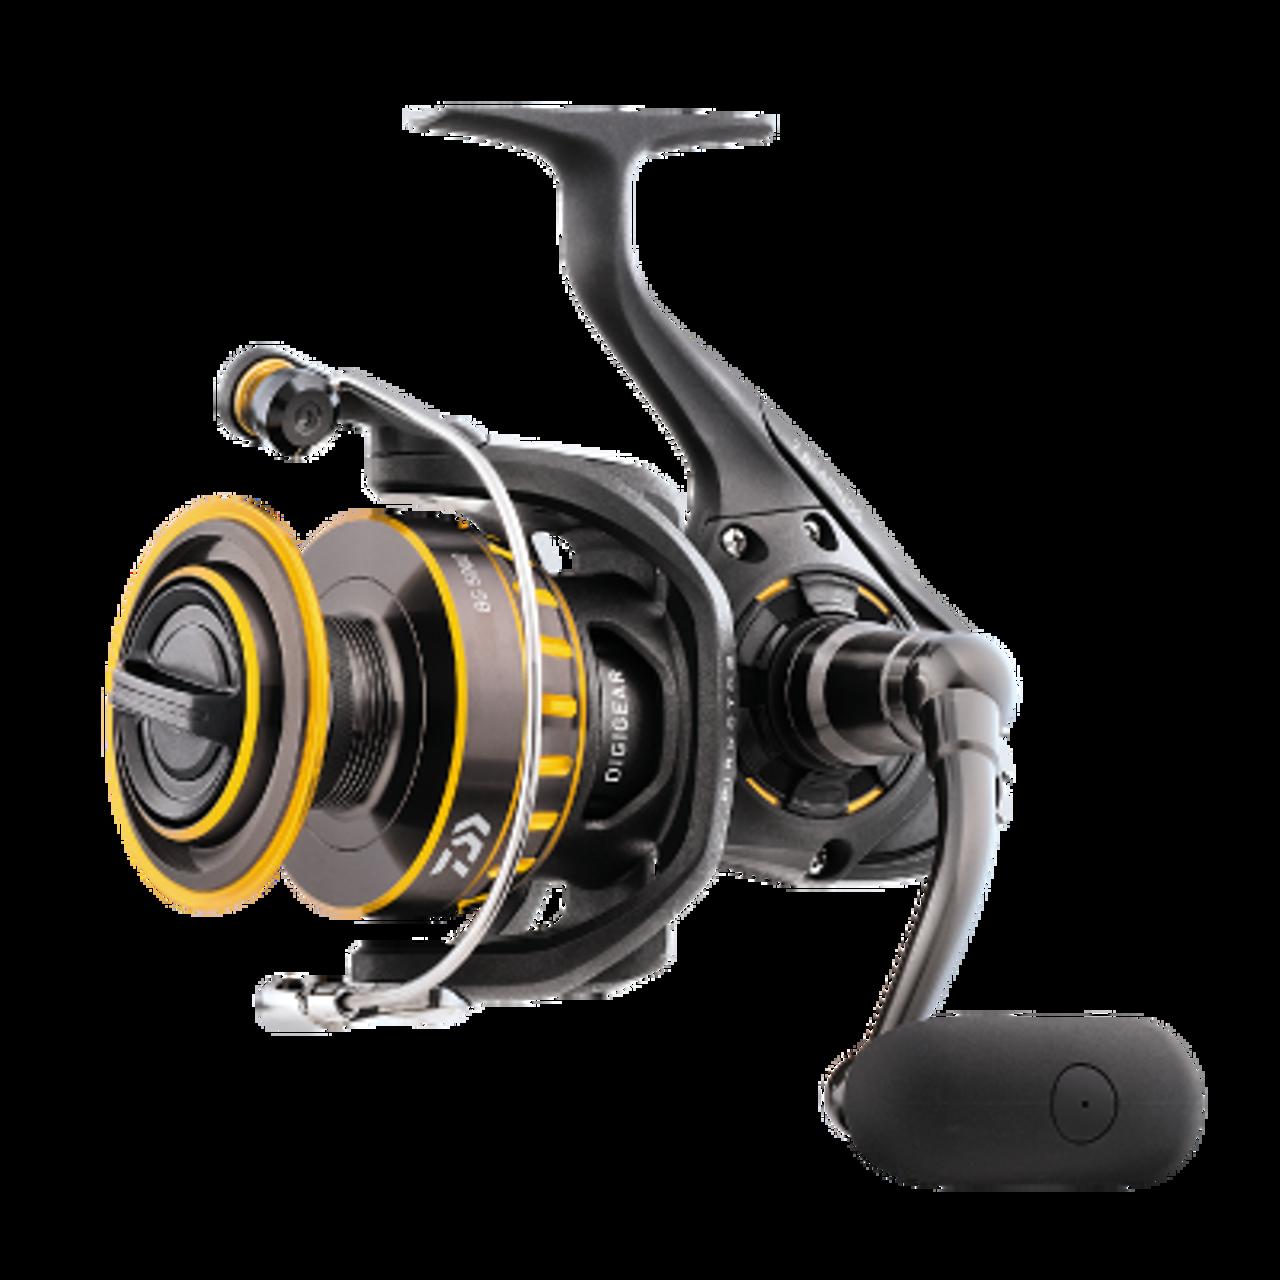 Daiwa BG 6500 Spinning Reel BG6500